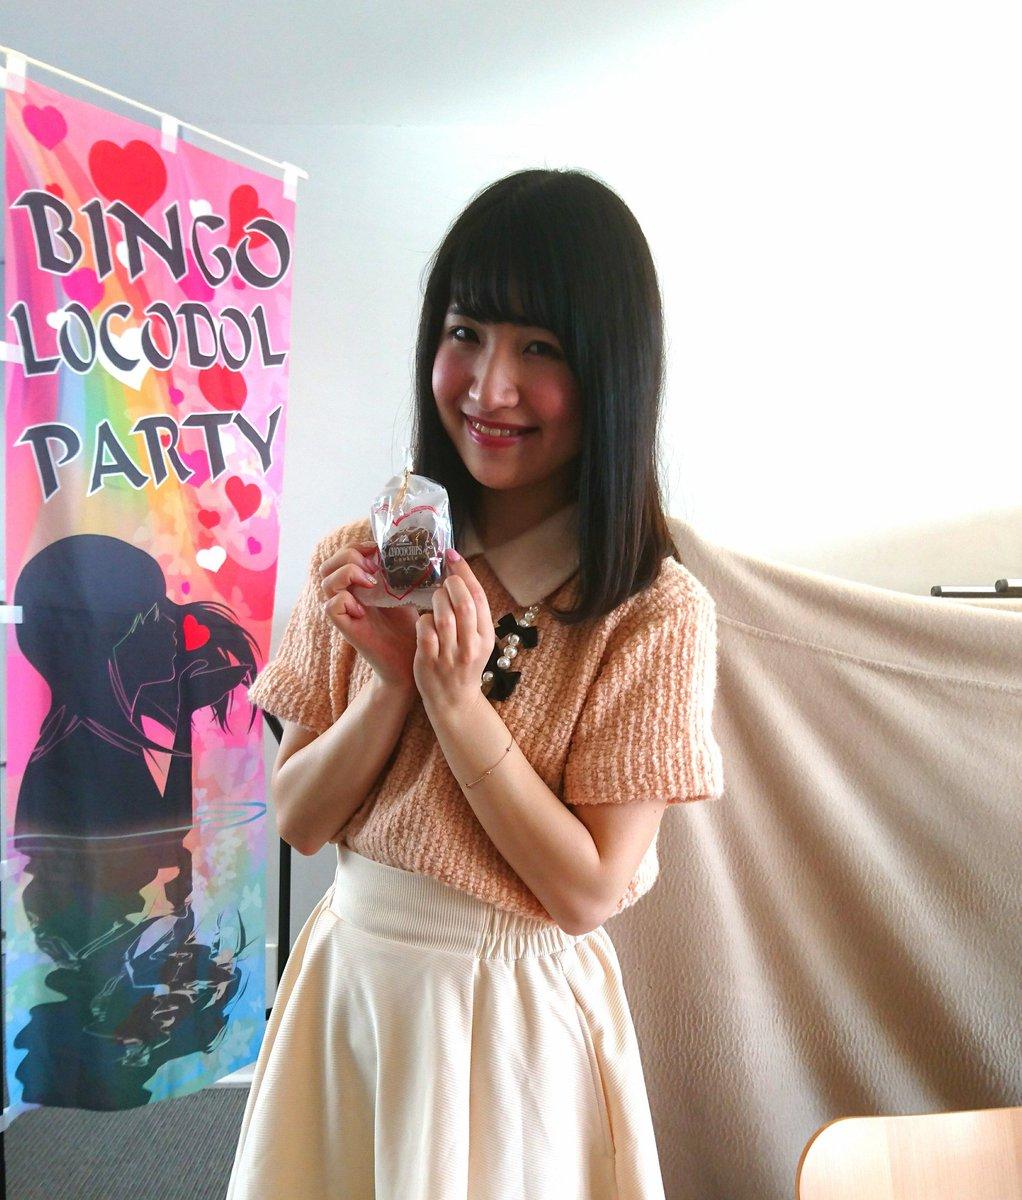 ろこどるパーティーおつかれさまでした!高松のイベントのこと覚えててくれて嬉しかったです!またイベントで遊びましょう!